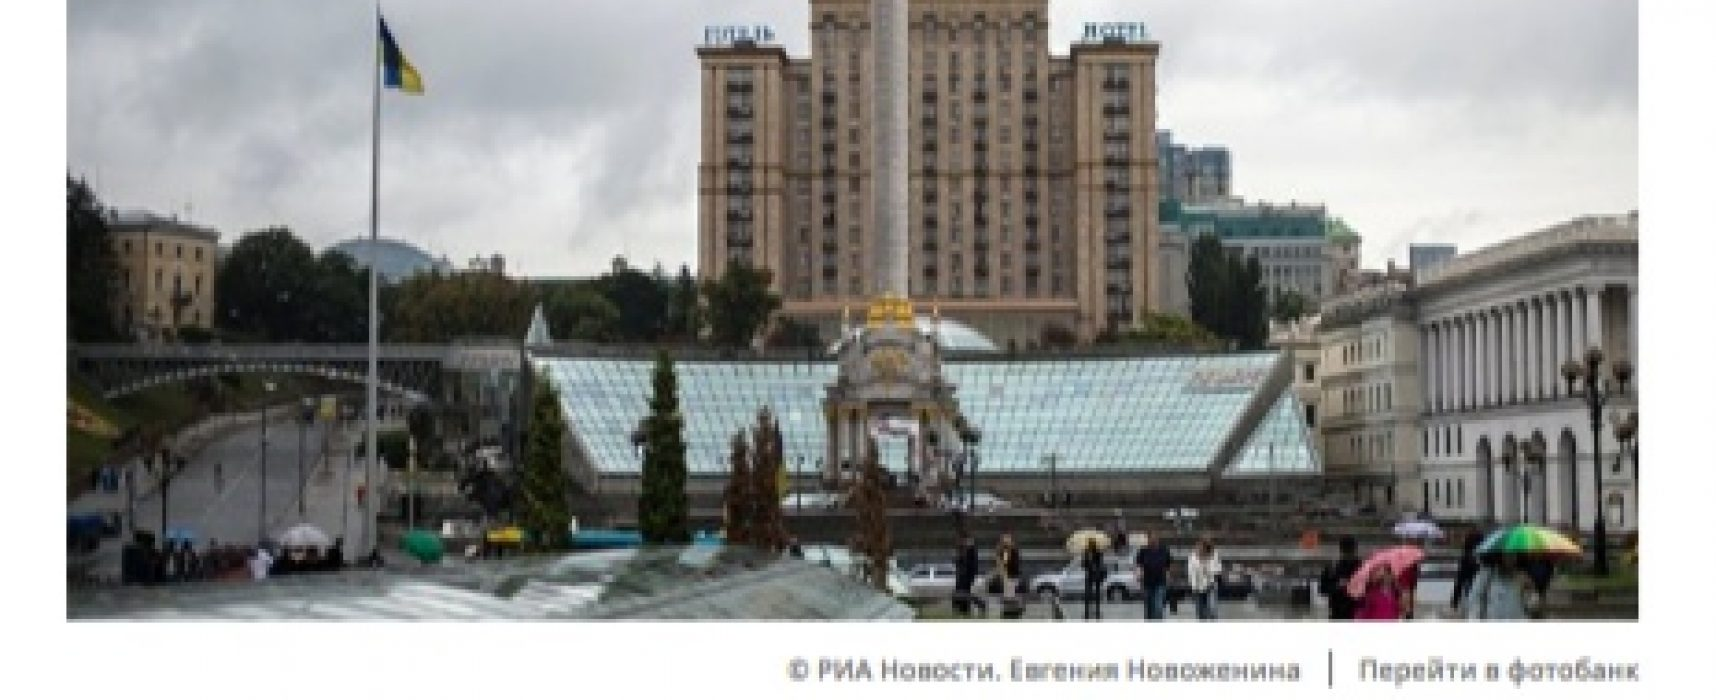 Fake: Les sanctions contre la Russie mettent en difficultés l'économie de l'Ukraine